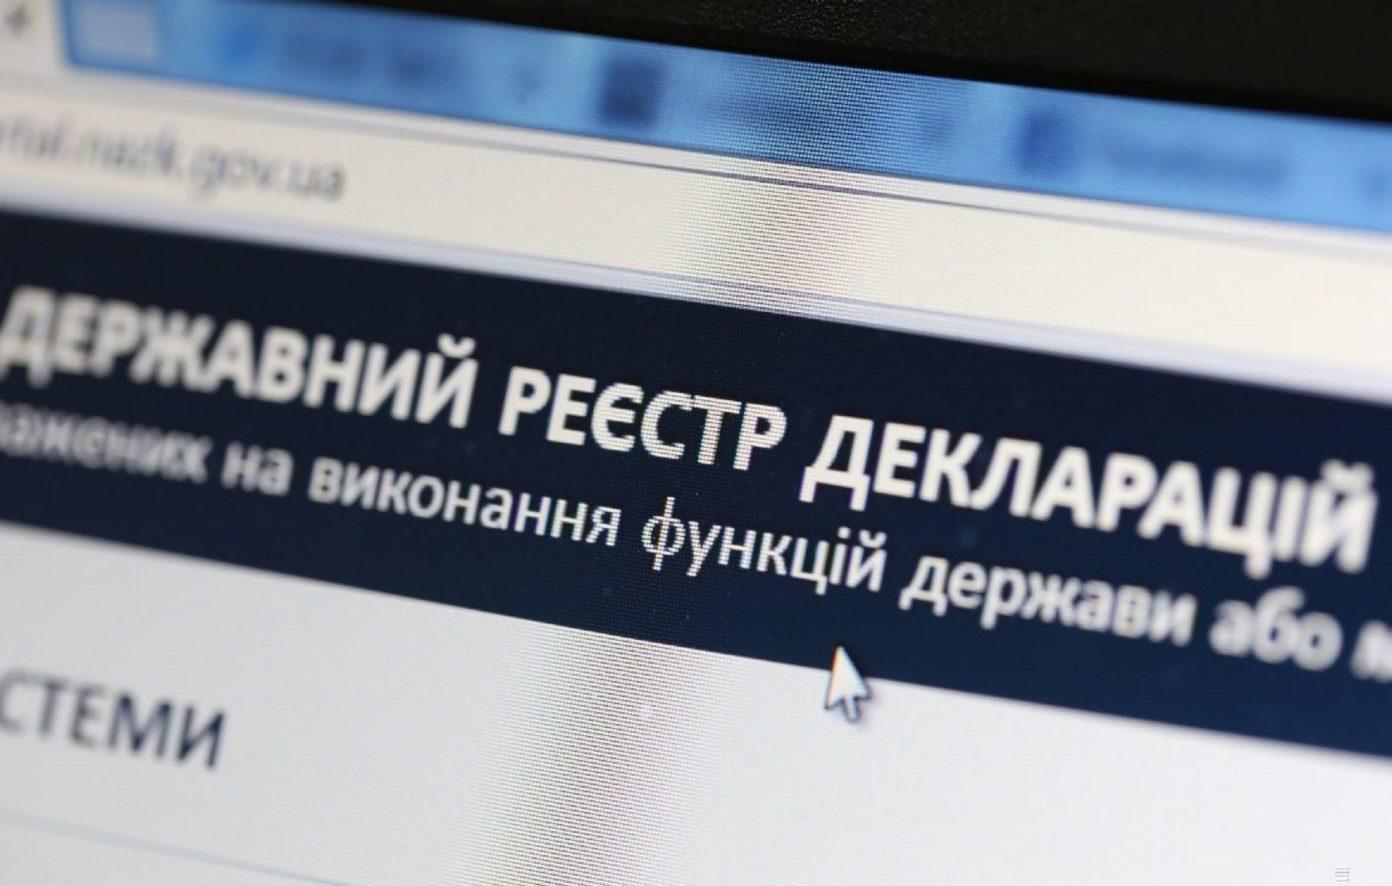 Як подати електронну декларацію в Україні